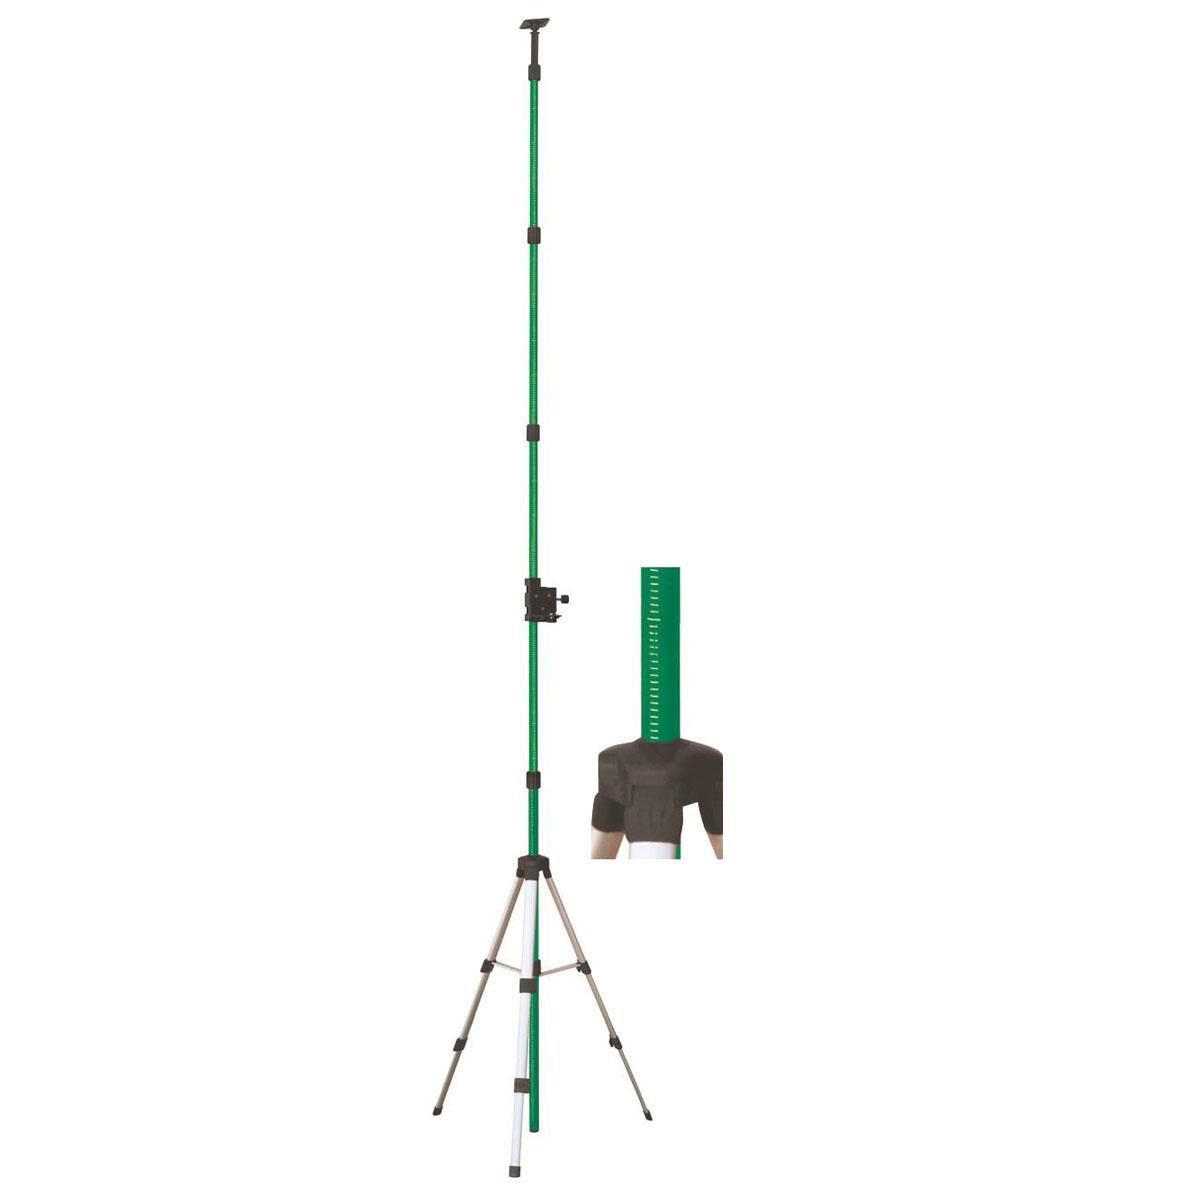 Штатив Hitachi TR 4, элевационныйHTC-H00109Элевационный штатив-штанга Hitachi TR 4 с треногой состоит из нескольких секций, которые раскладываются телескопически для работы с высотой от 0,1 до 4 метров. Резьба установочного винта 5/8. Миллиметровая шкала для точной установки. Для удобства крепления на штанге предусмотрена подвижная площадка, оснащенная винтовым зажимом. Для настройки высоты на секциях нанесены отметки с шагом в 1 сантиметр. Штангу устанавливают в распор между потолком и полом. Если нет такой возможности, то для установки используется тренога.